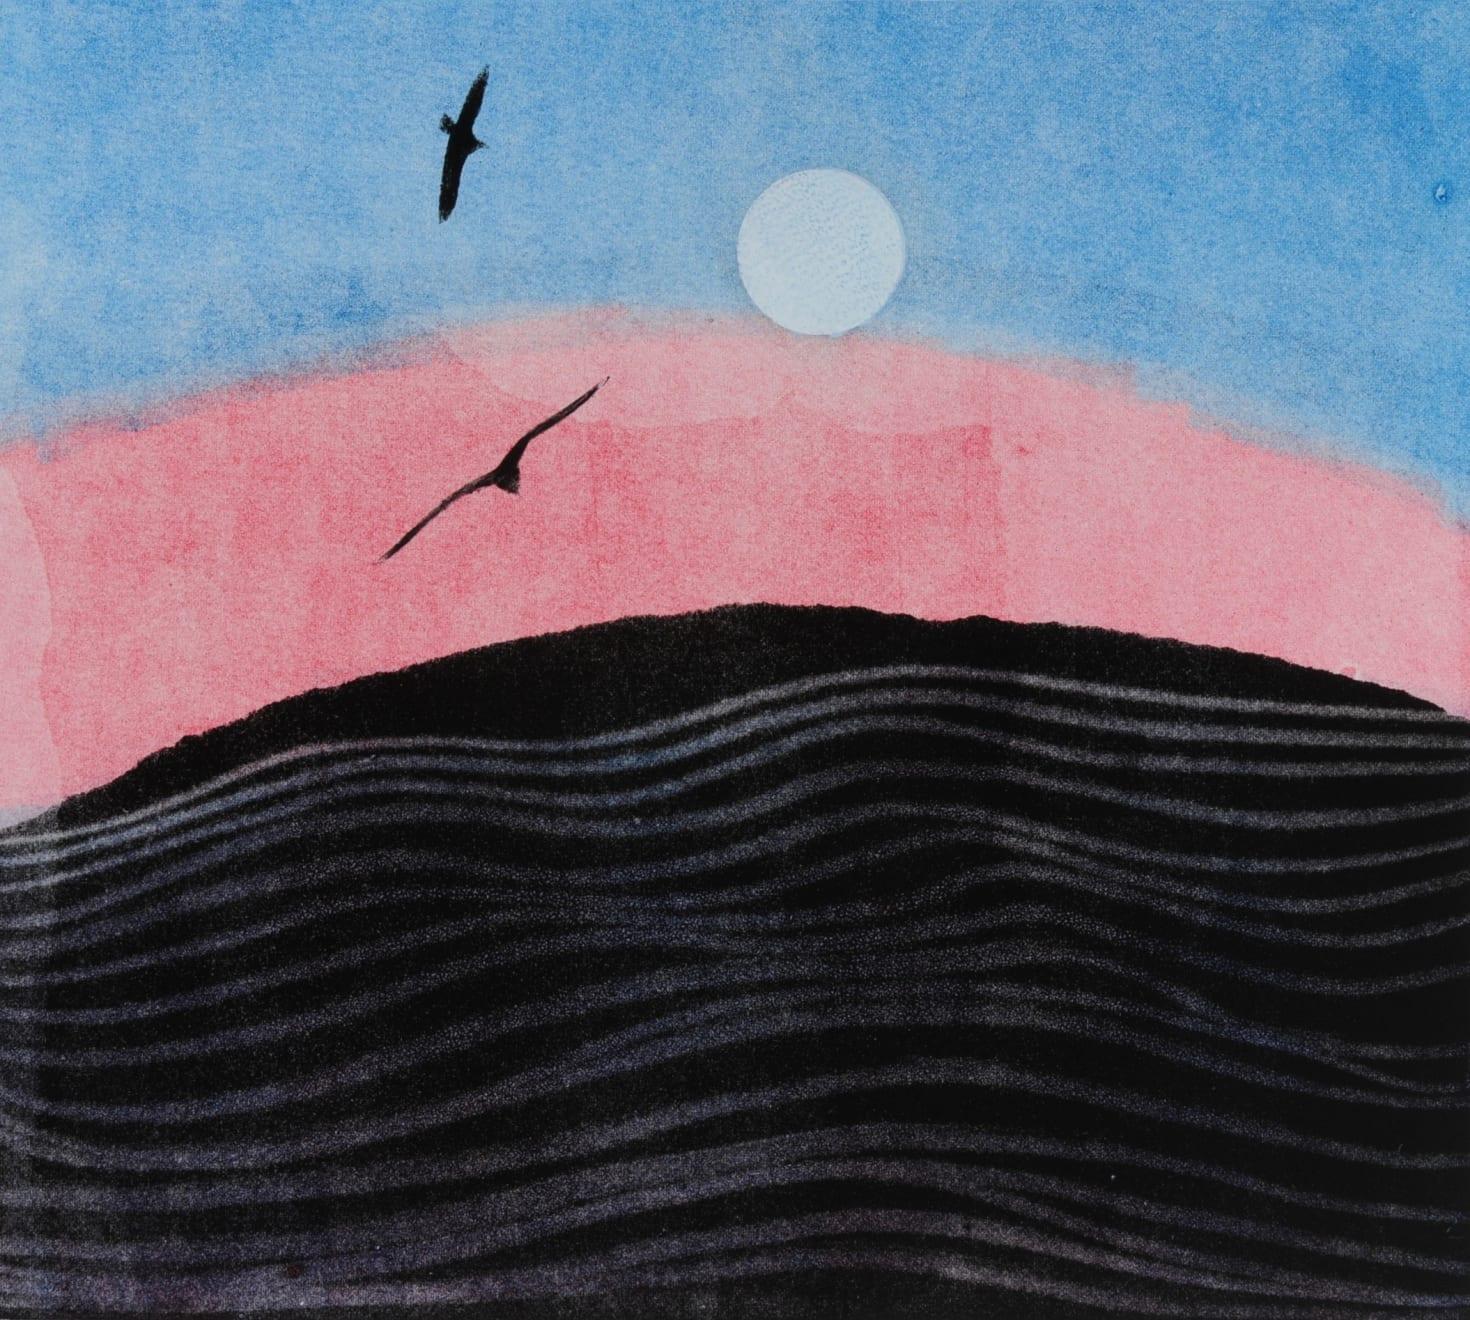 Nigel Swift, Two Birds, 2020